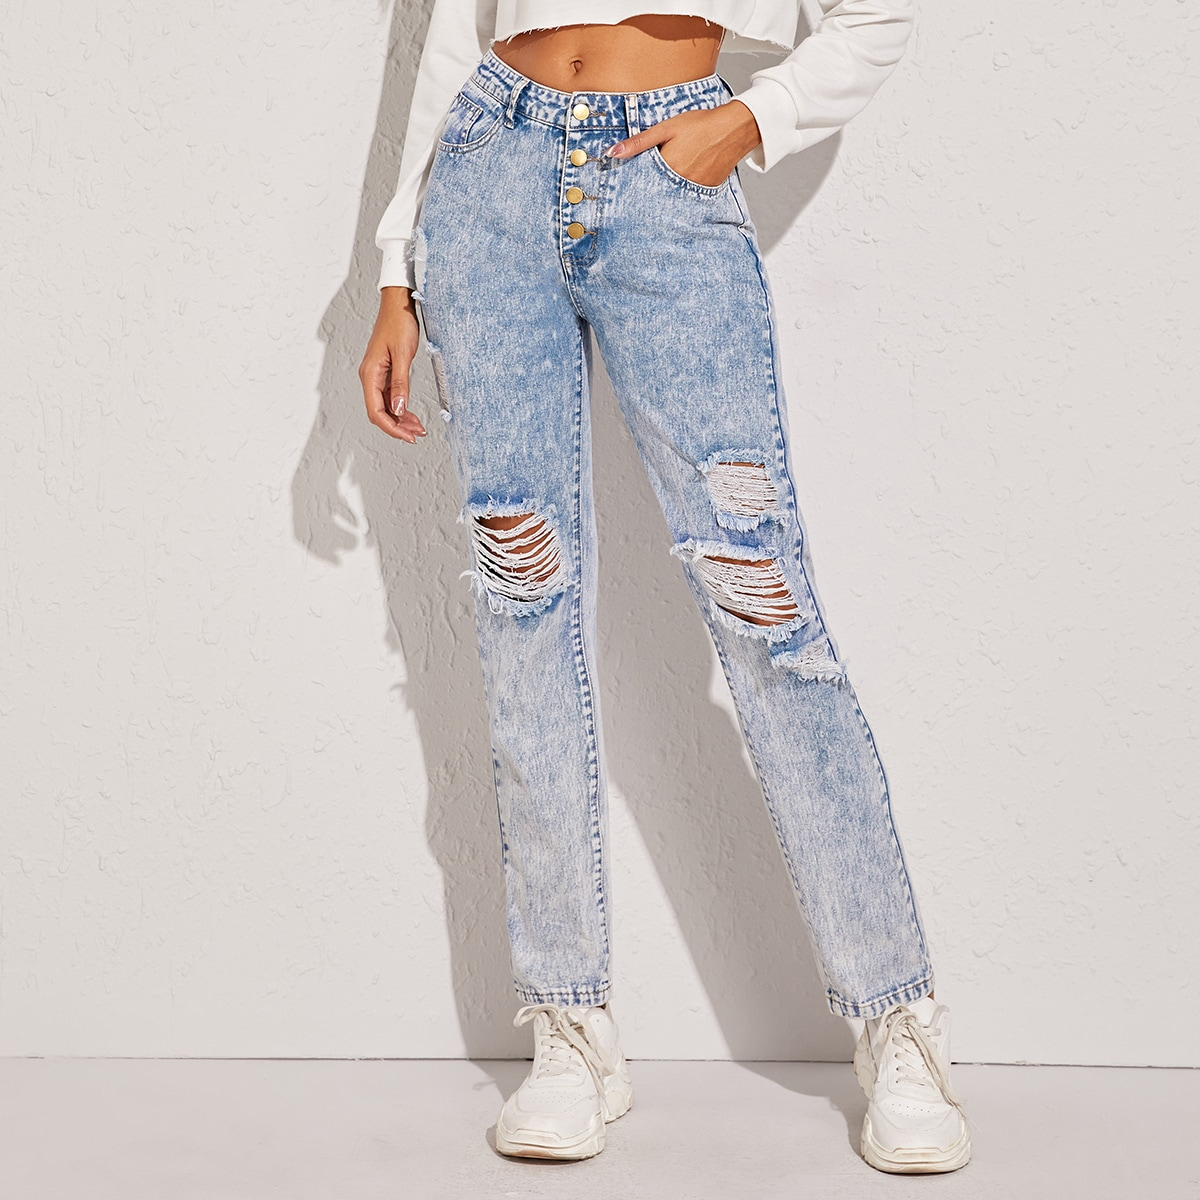 Рваные джинсы с пуговицами